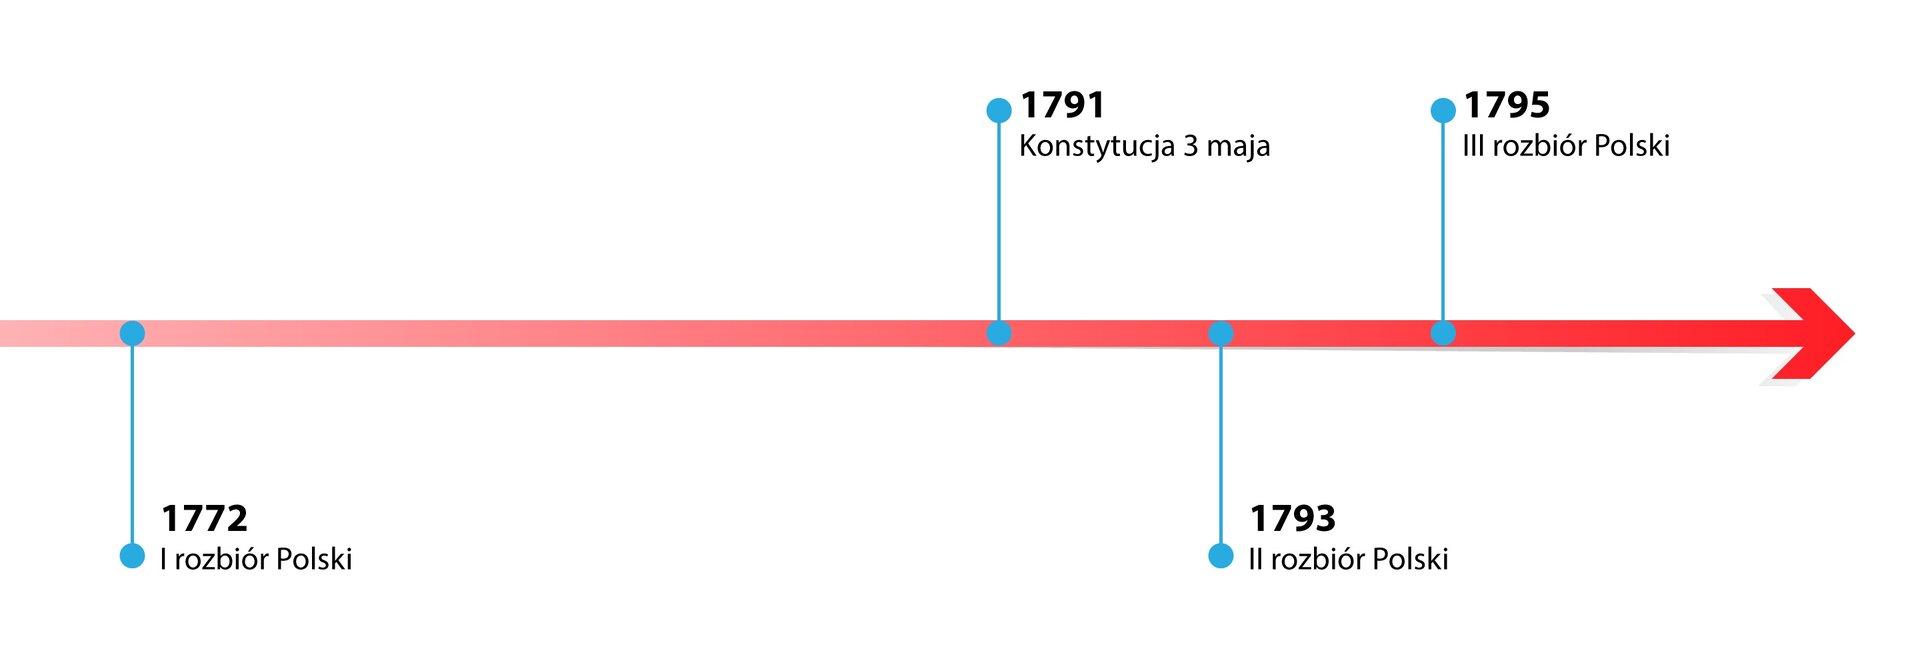 Ilustracja przedstawia czerwoną oś czasu skierowaną wprawo. Na osi zaznaczono następujące punkty: 1772 pierwszy rozbiór Polski, 1791 Konstytucja trzeciego maja, 1793 drugi rozbiór Polski, 1795 trzeci rozbiór Polski.